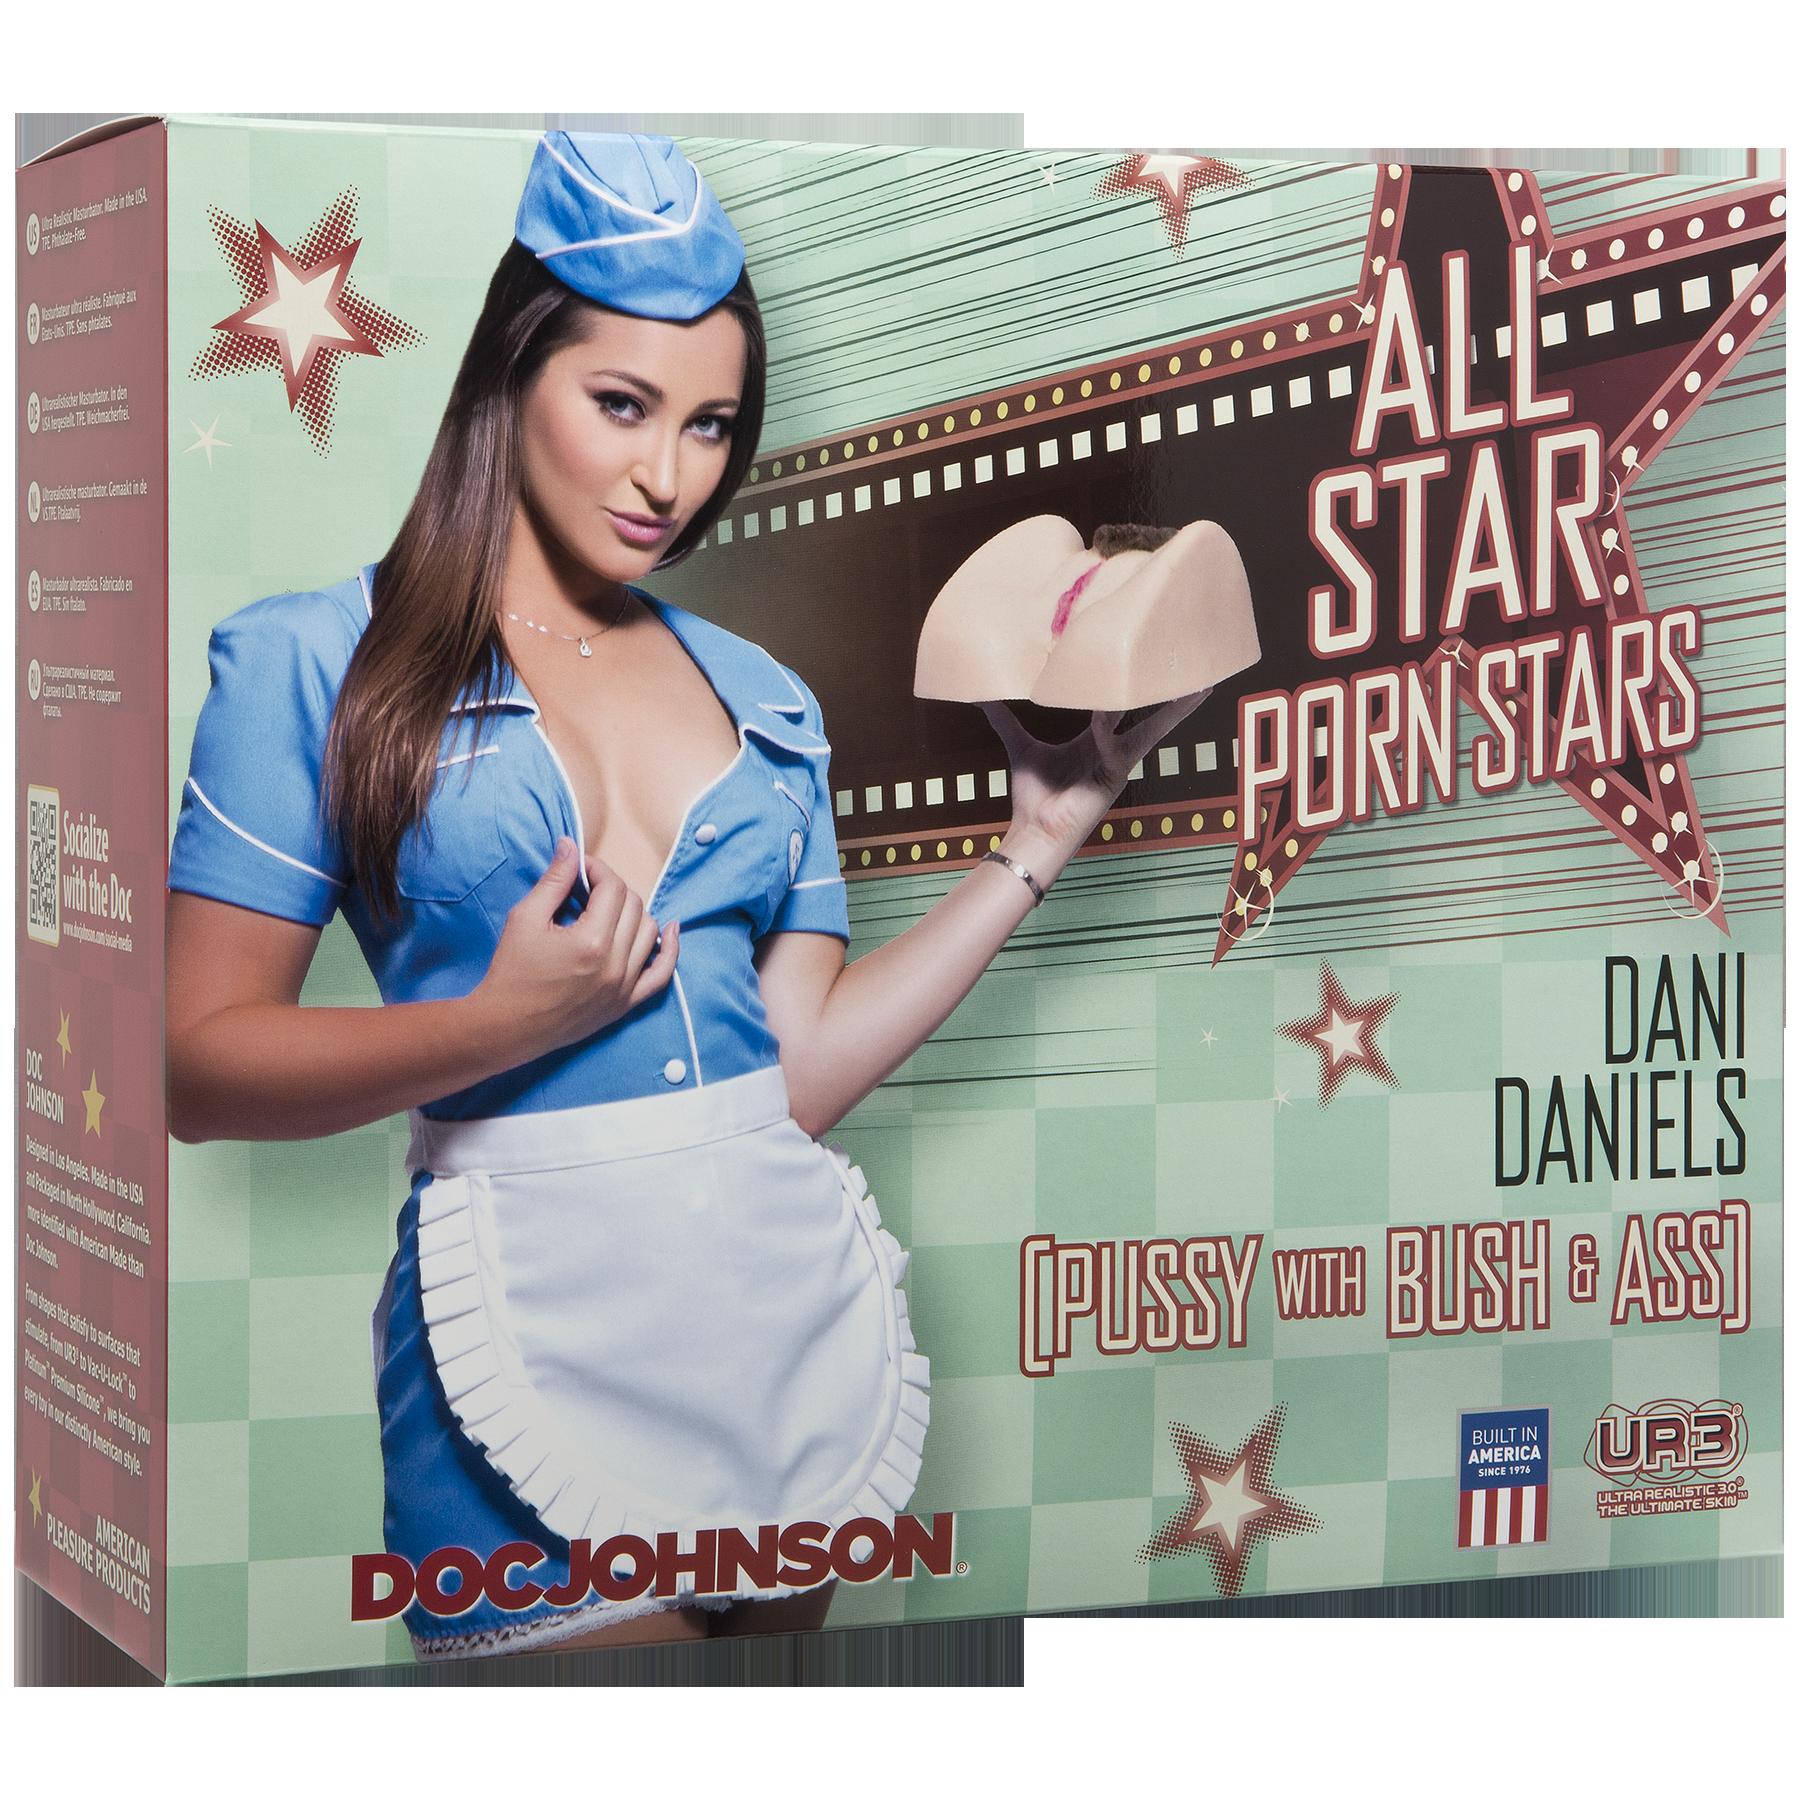 Dani Daniels Pussy and Ass